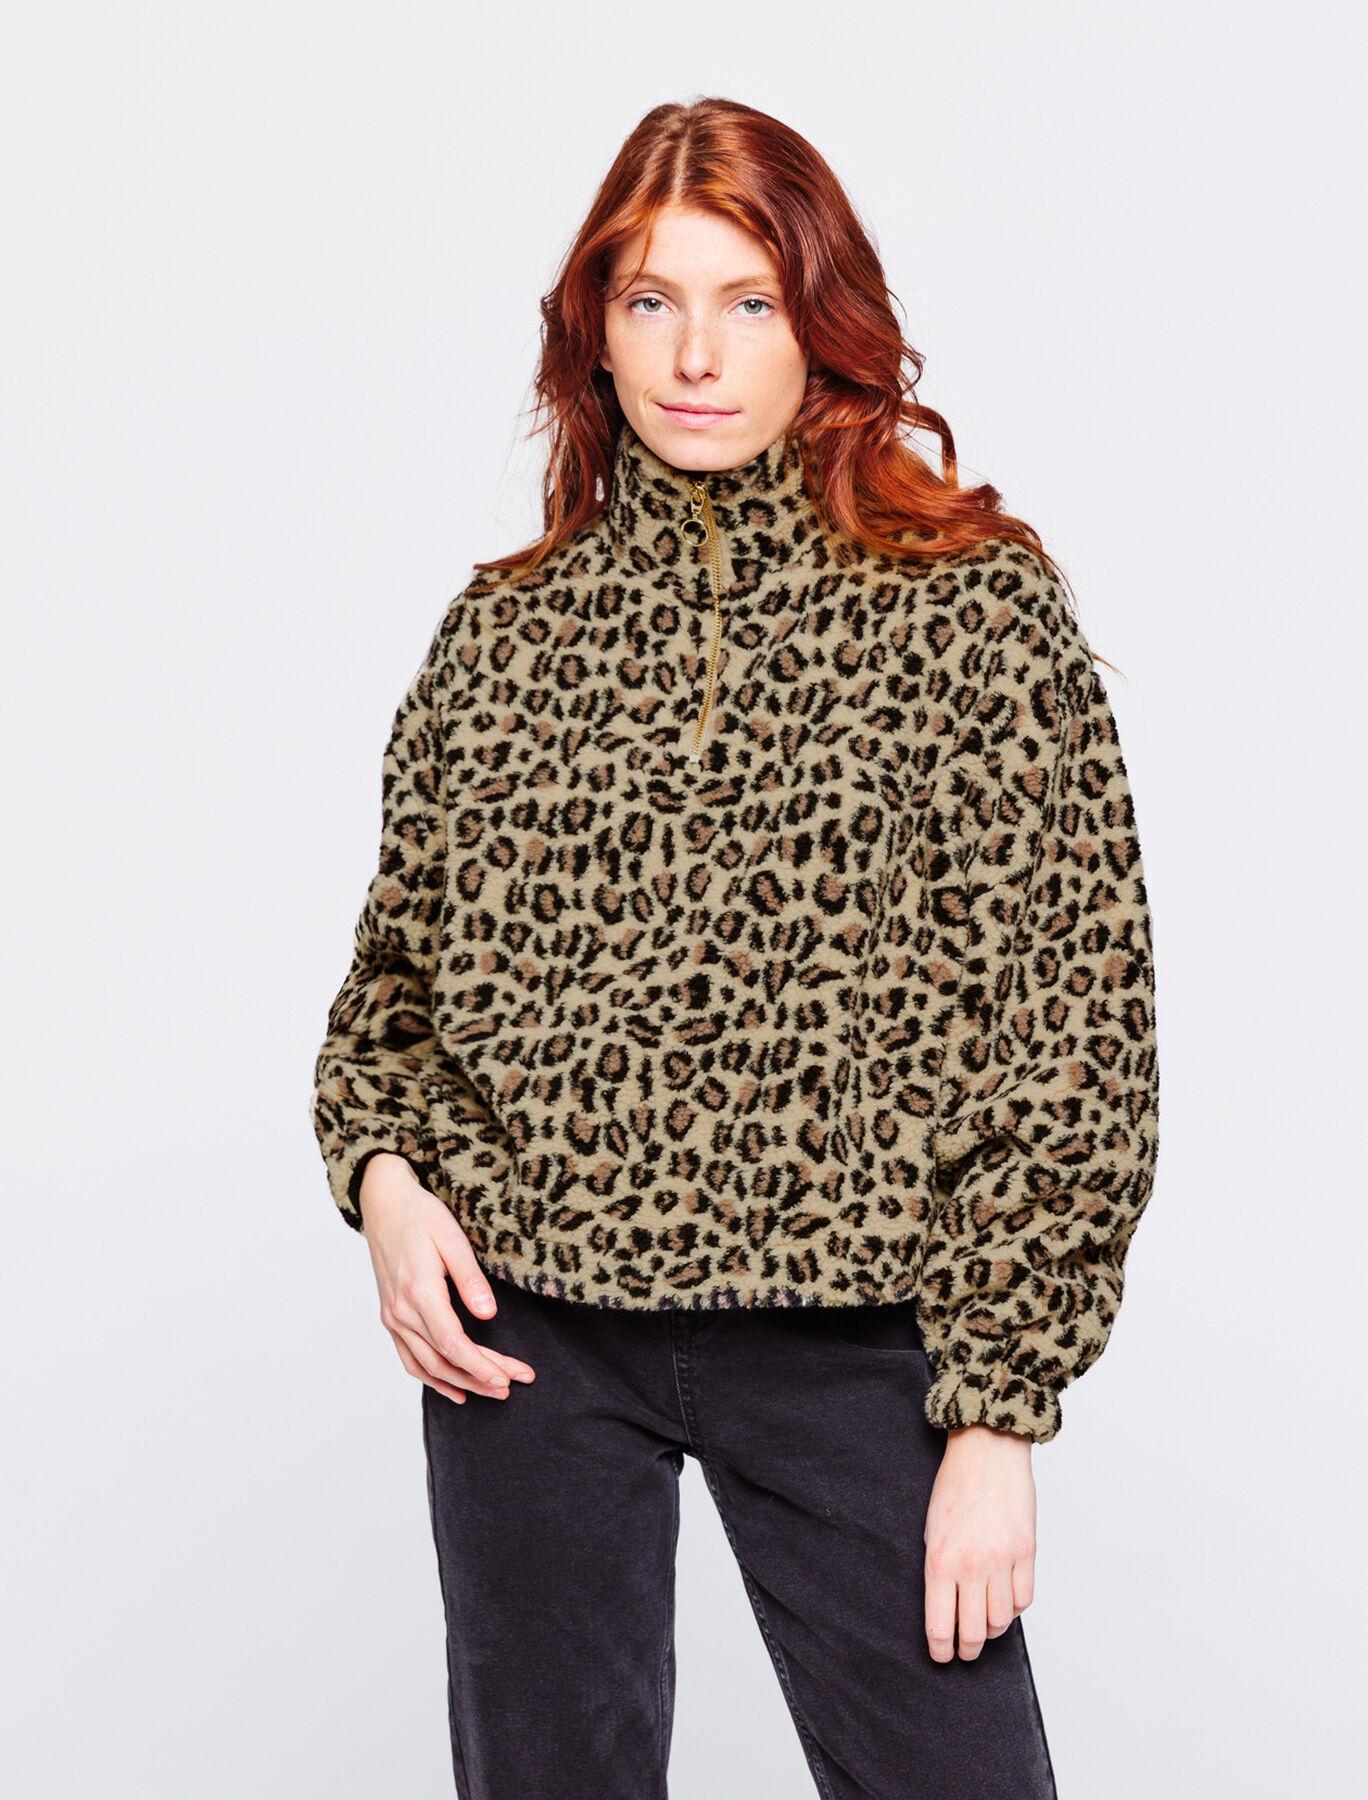 Sweat sherpa leopard